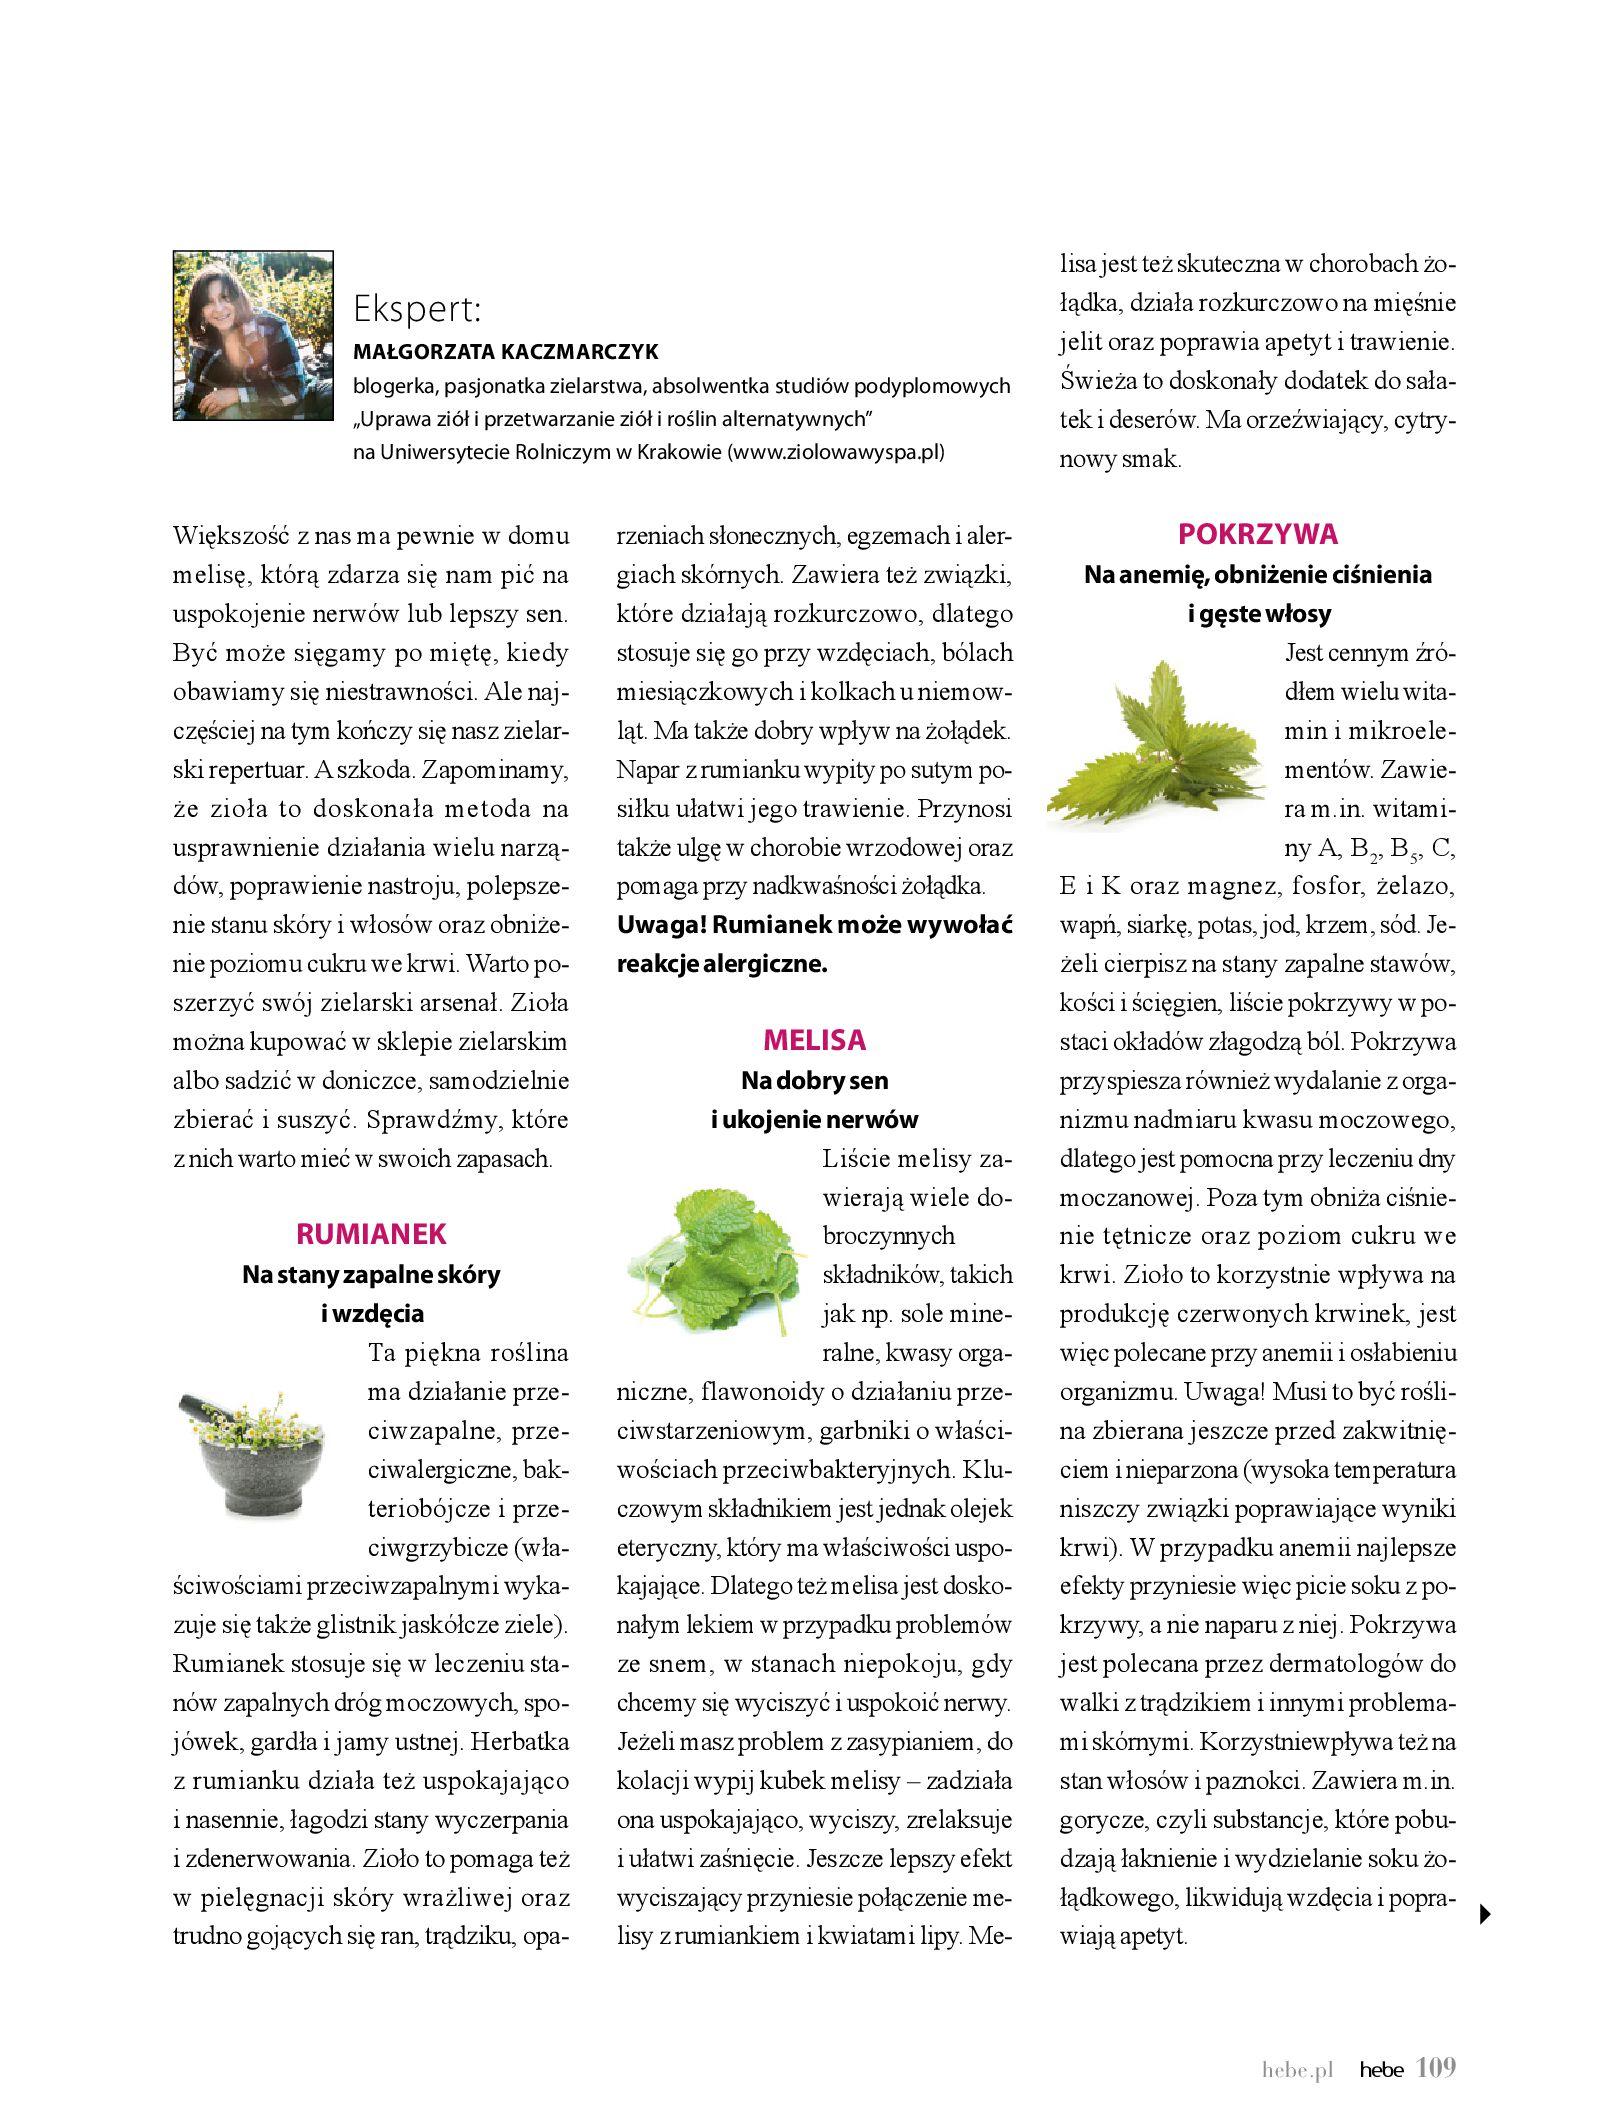 Gazetka hebe: Gazetka Hebe - Magazyn  2021-05-01 page-109